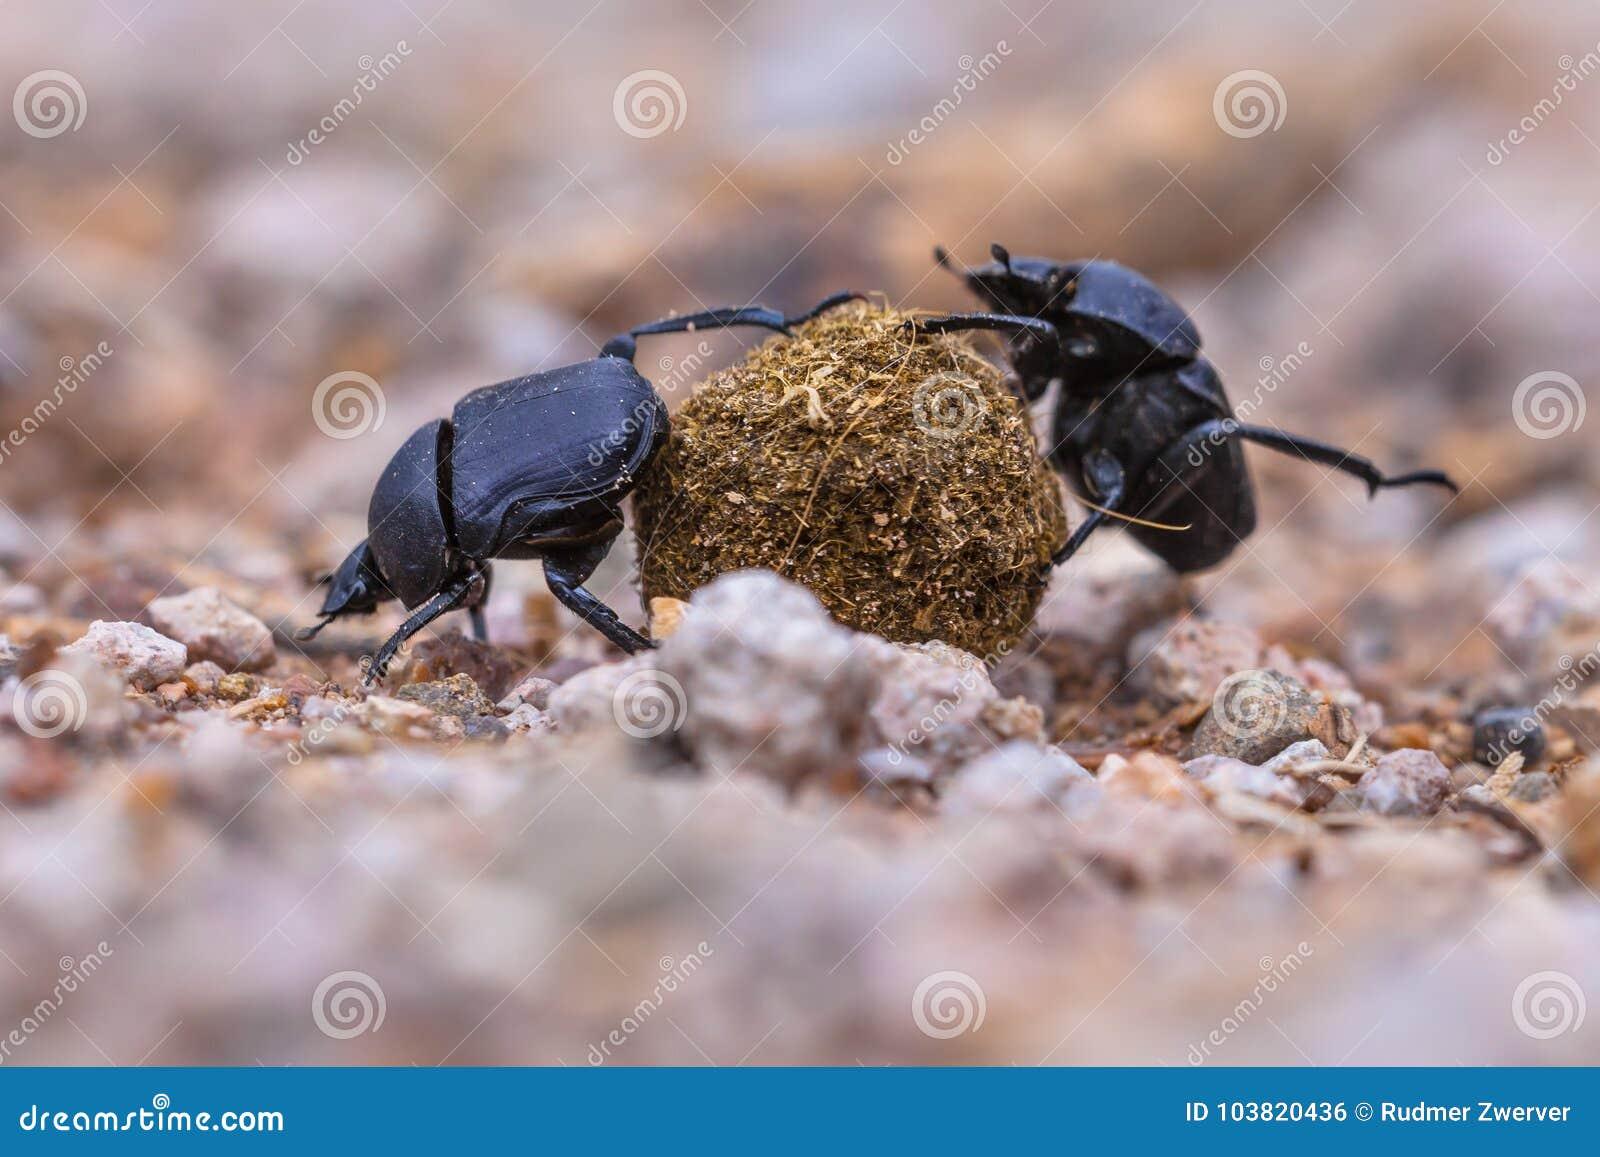 Escarabajos de estiércol fuertes moiling que hacen frente a desafíos